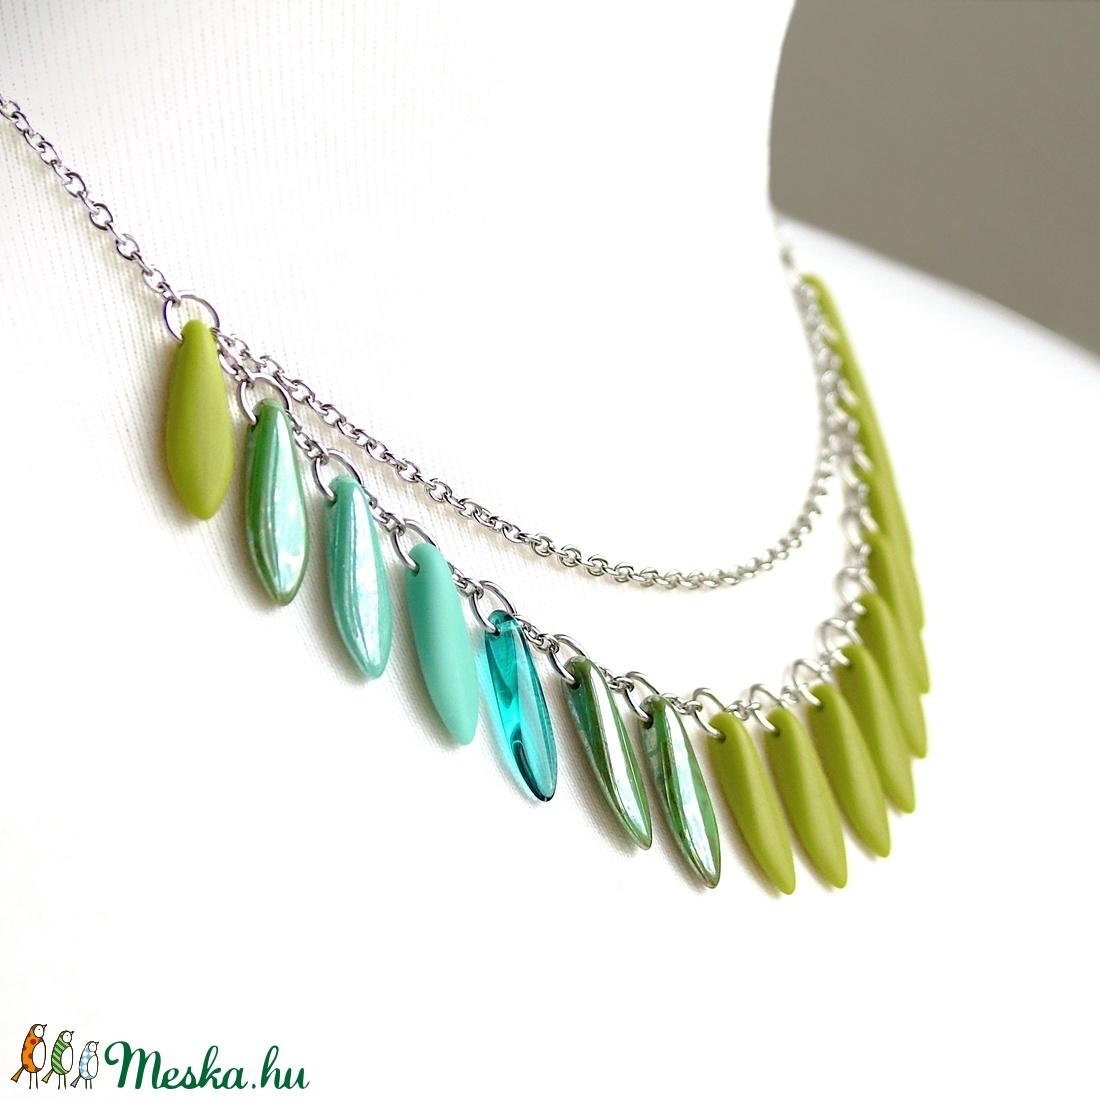 Színes üvegékszer / Gyöngyös nyaklánc - zöld, kék, türkiz / Kétsoros nyaklánc / Nemesacél nyaklánc / Gyöngynyaklánc - ékszer - nyaklánc - gyöngyös nyaklác - Meska.hu